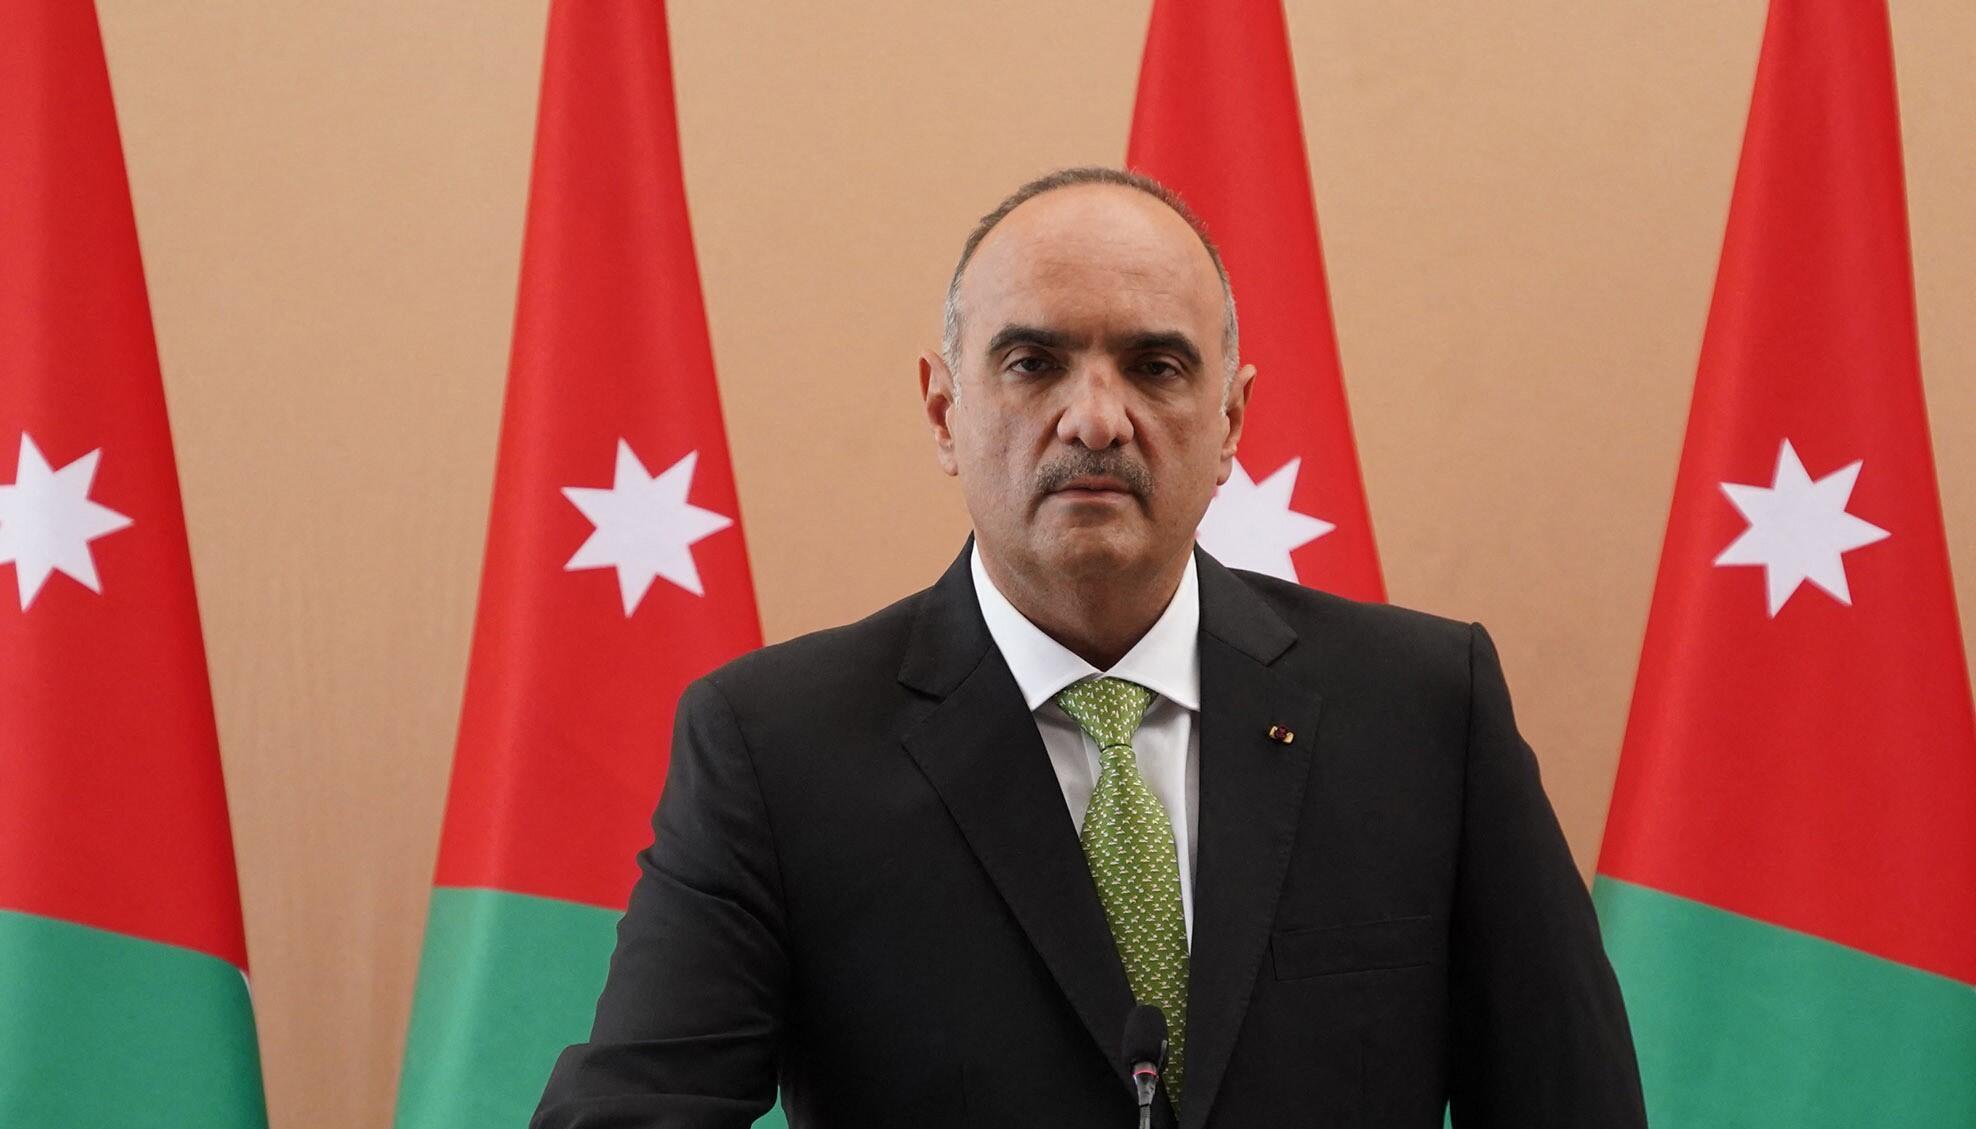 Bisher Al-Khasawneh